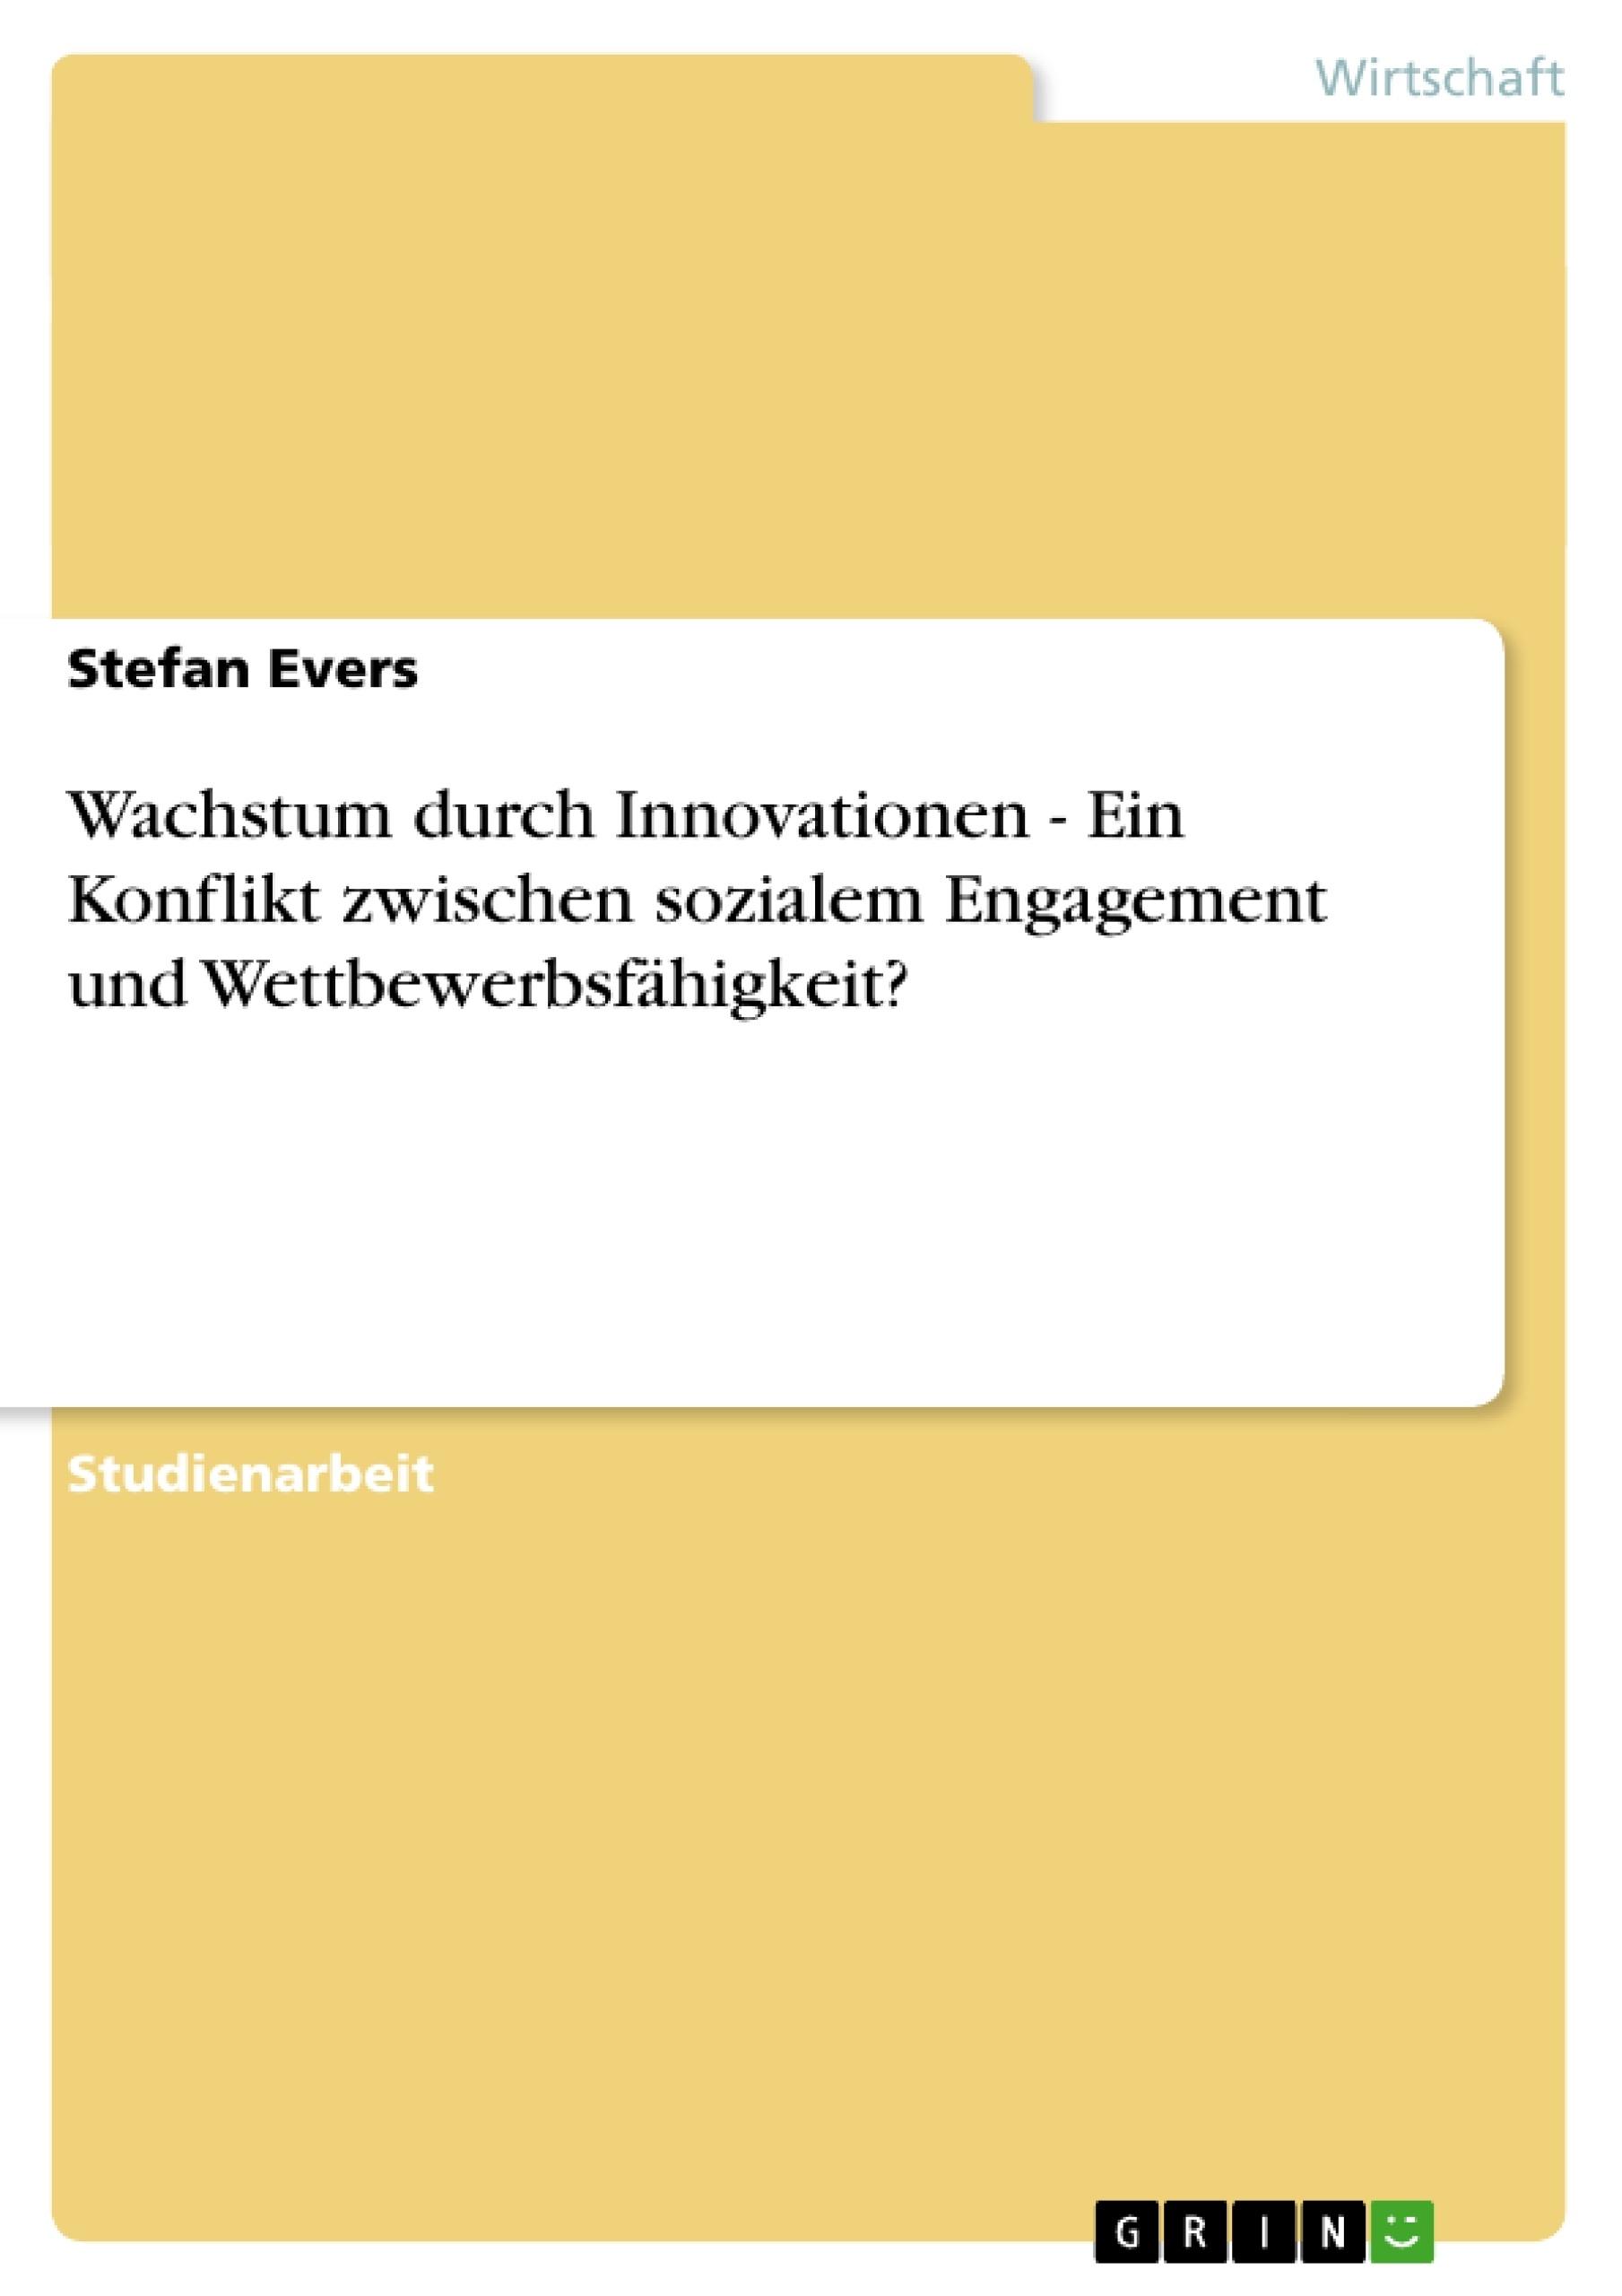 Titel: Wachstum durch Innovationen - Ein Konflikt zwischen sozialem Engagement und Wettbewerbsfähigkeit?